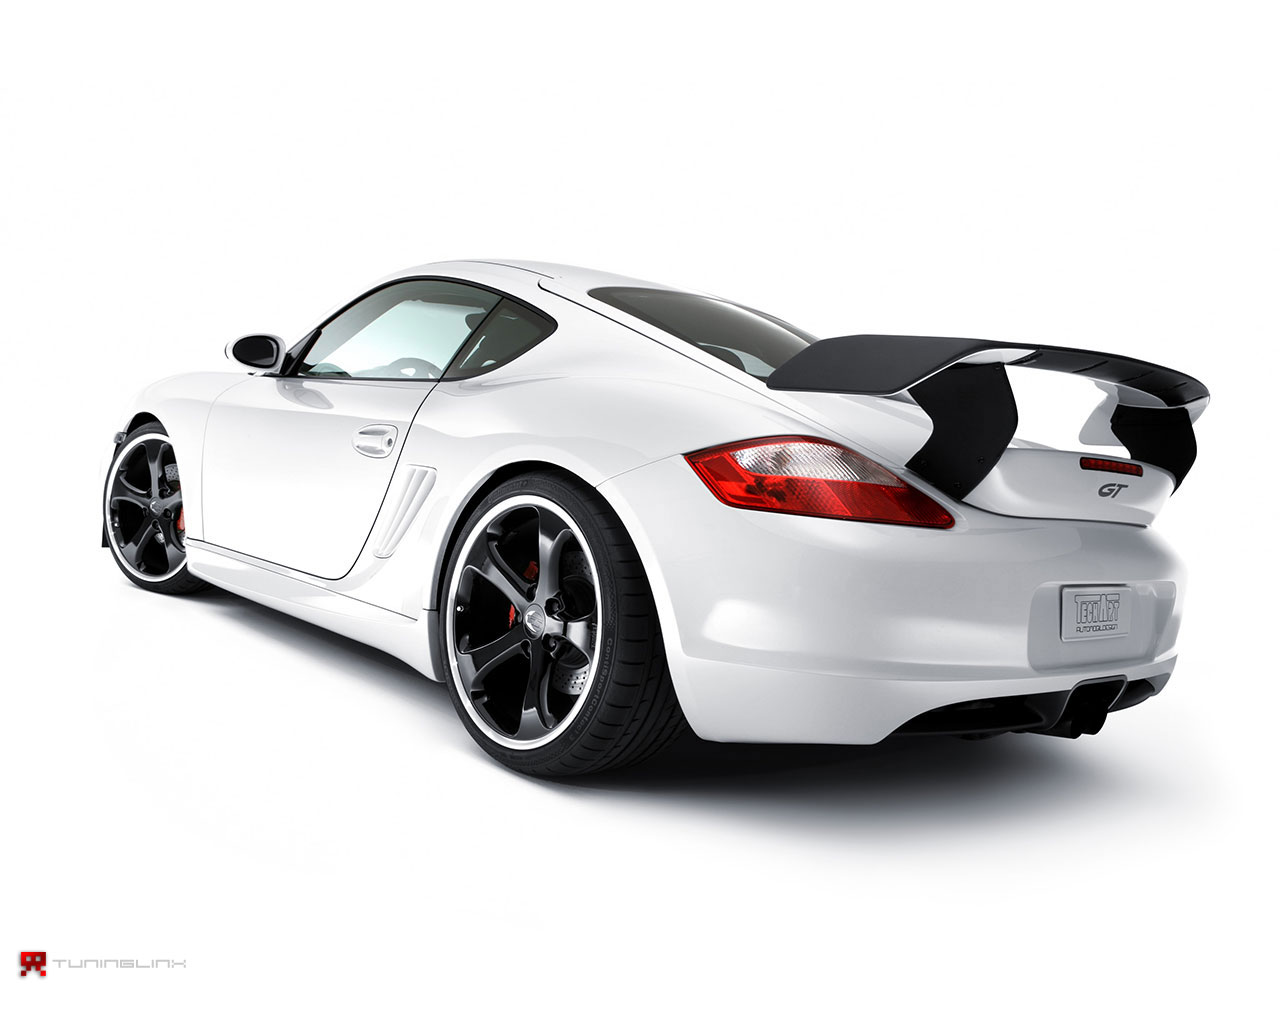 http://4.bp.blogspot.com/-nMsVXiCRv3s/UPZbHDnGYnI/AAAAAAAAAVk/GnhJ4rdGcQA/s1600/Porsche-wallpaper-2.jpg